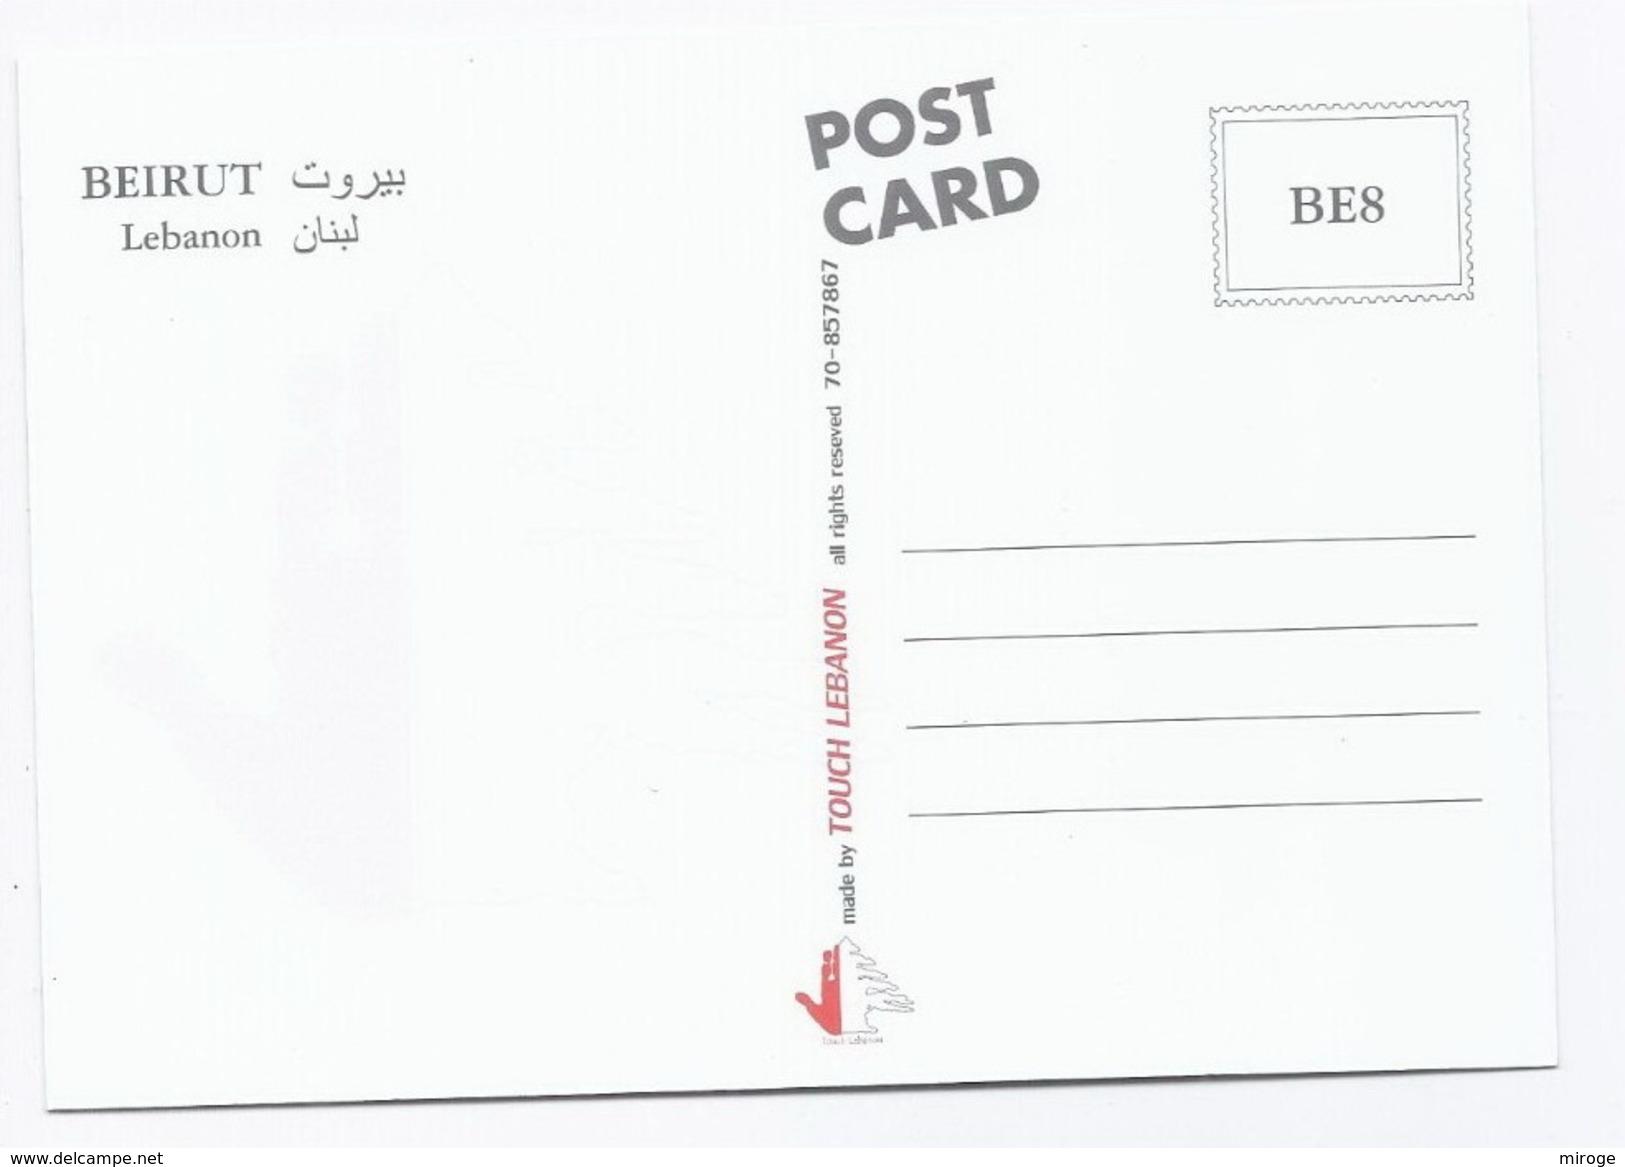 Beirut  View Postcard Lebanon, Carte Postale Liban Libano - Lebanon